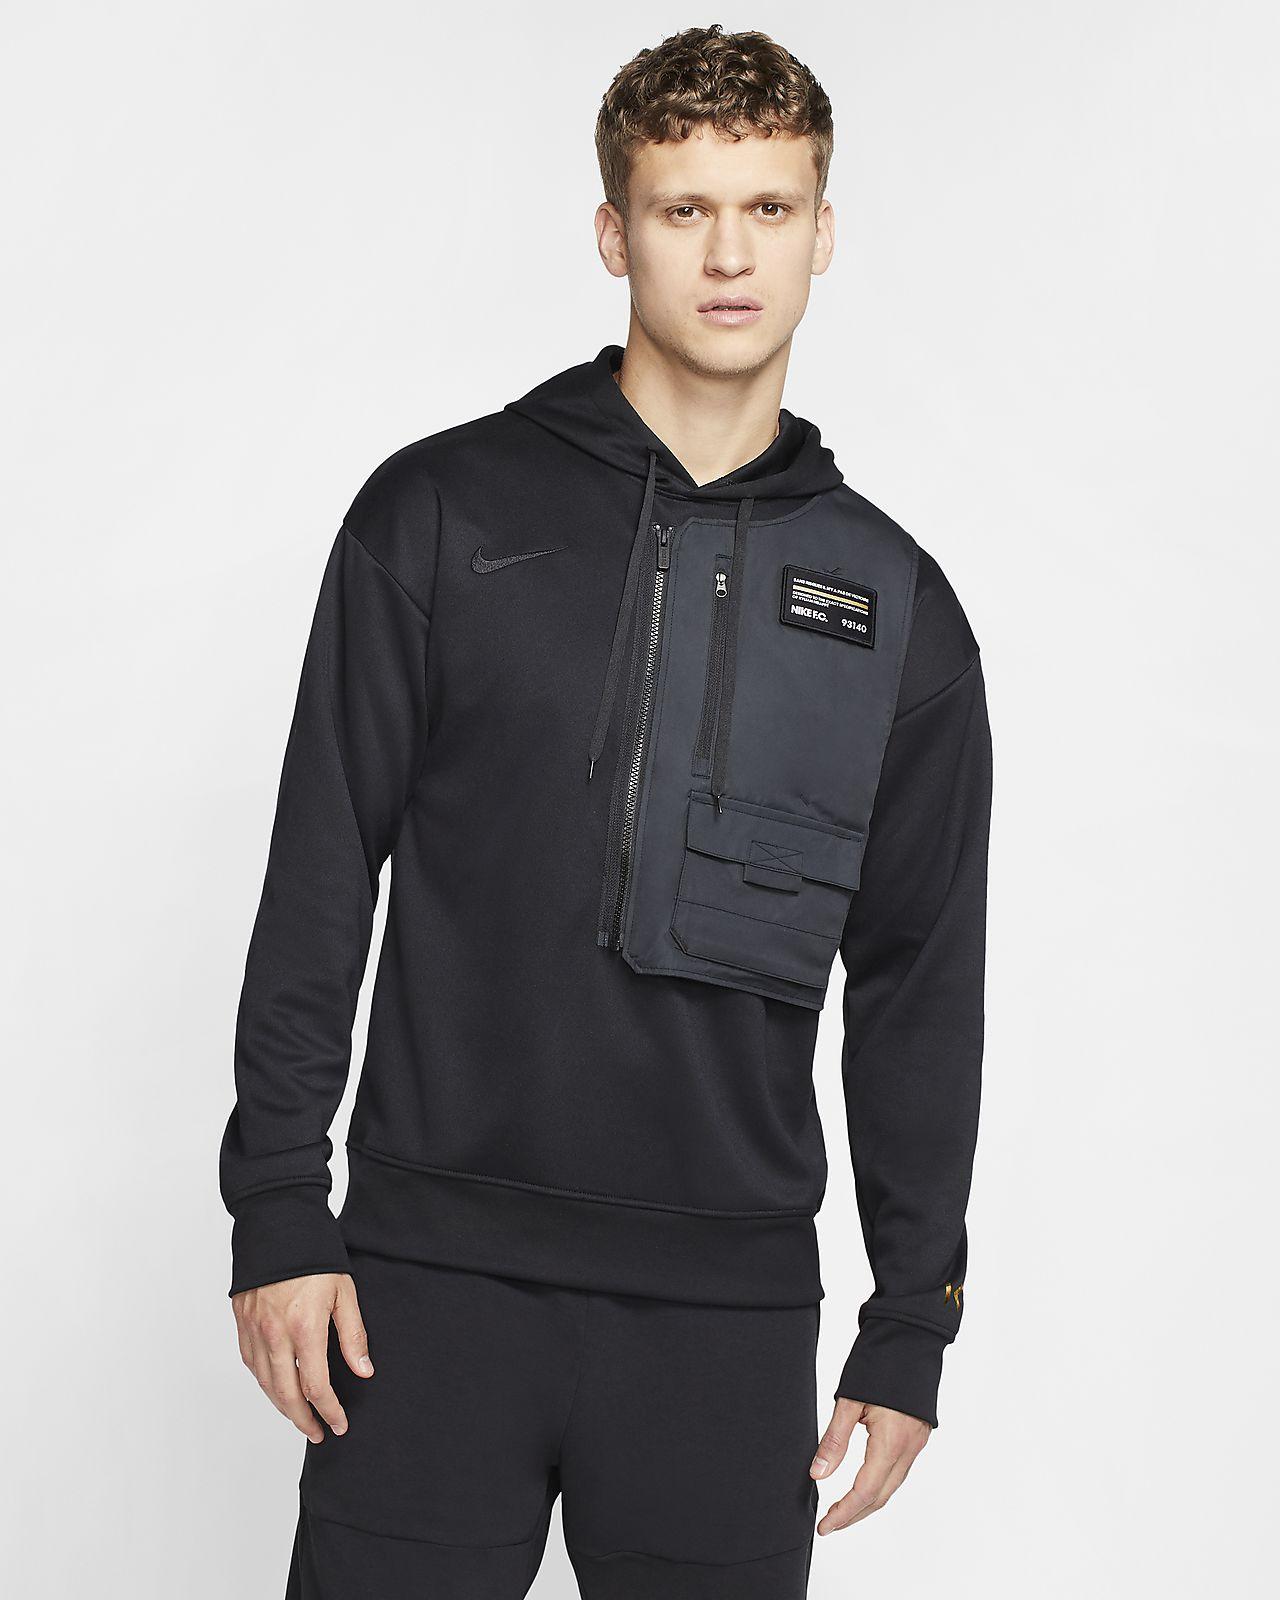 Nike Dri-FIT Bondy fotballhettegenser til herre